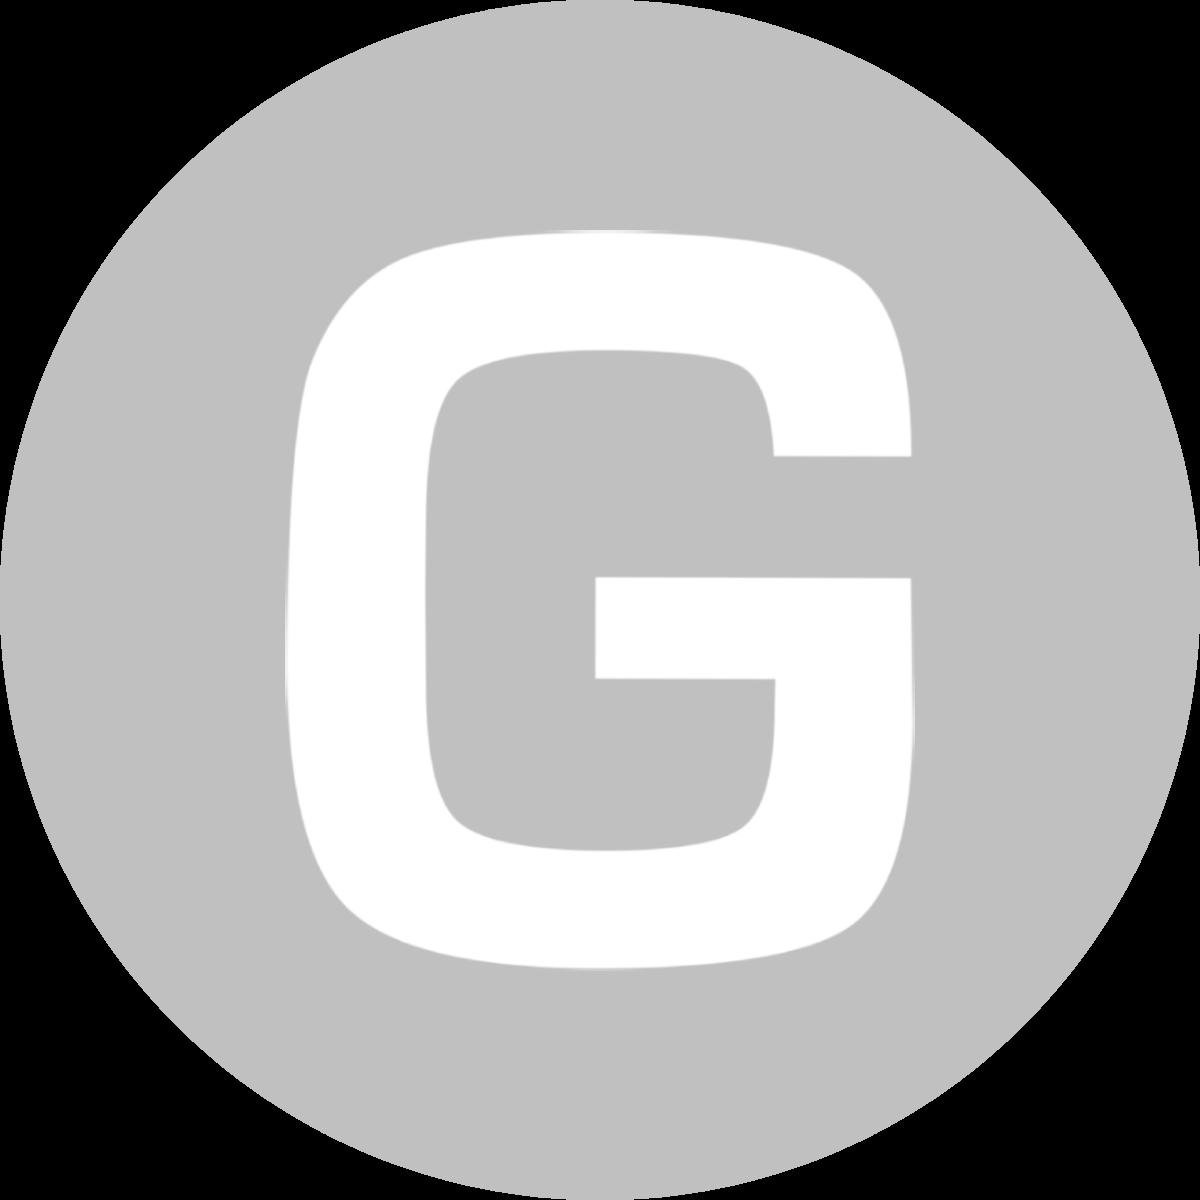 Cobra Bærebag Tie Dye Blå Limited Edition